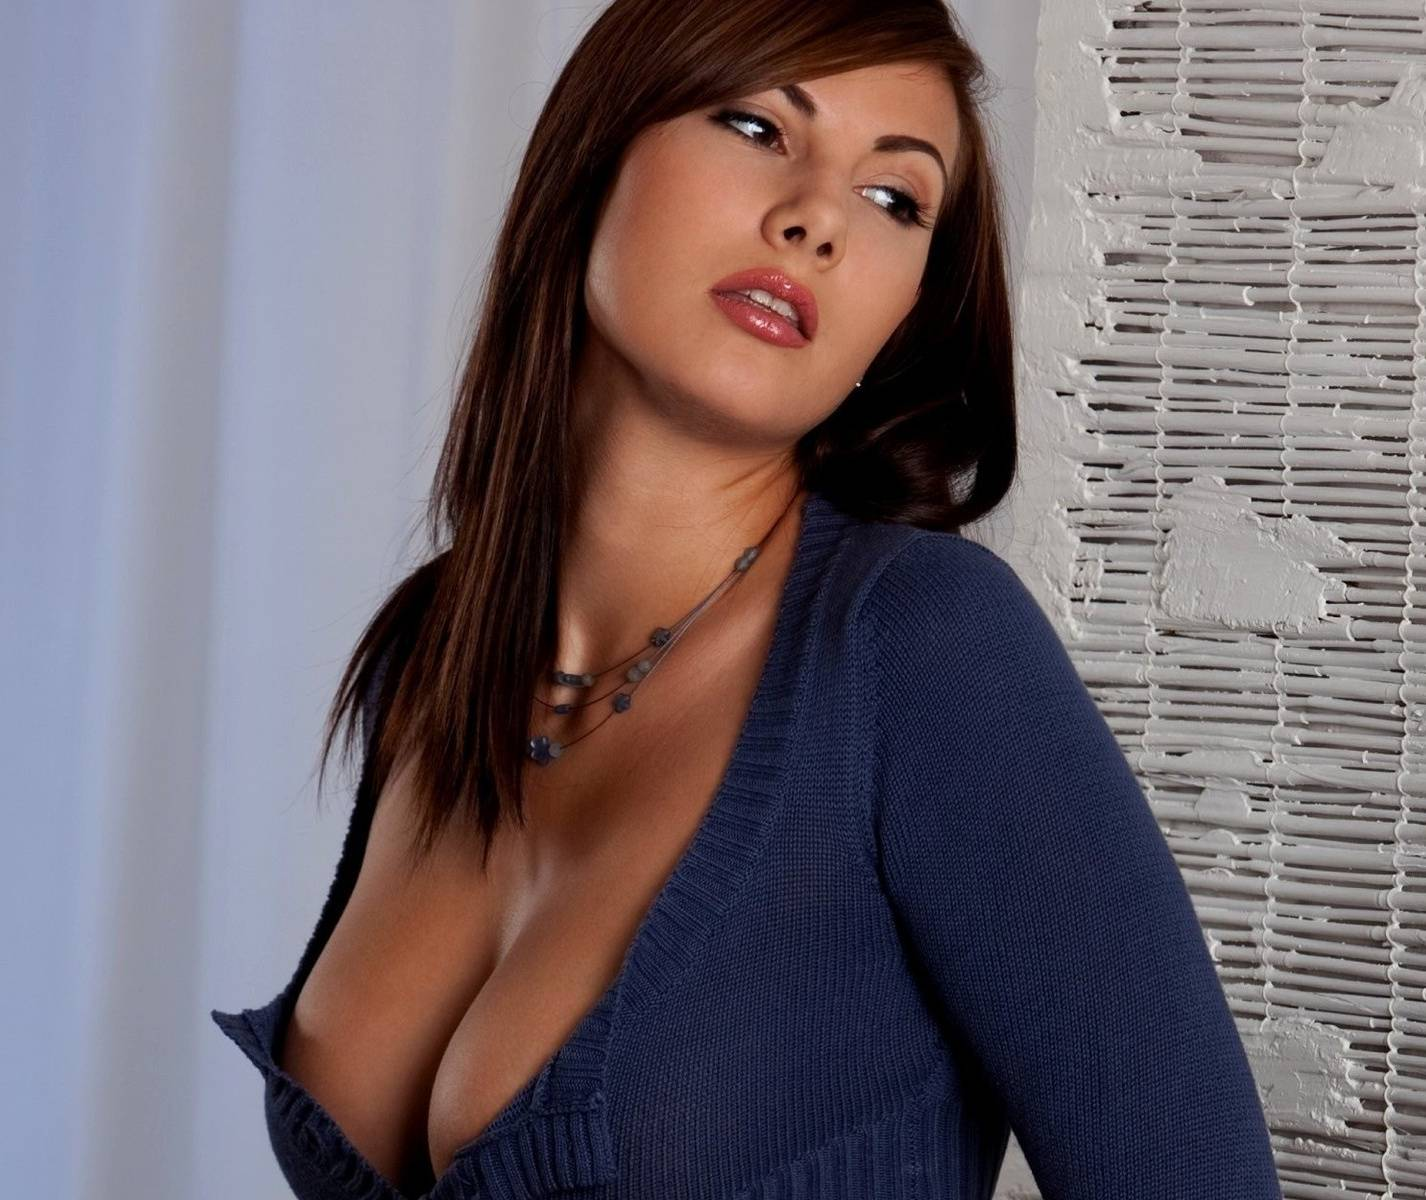 кафе, грудастая девушка в блузке что ролик